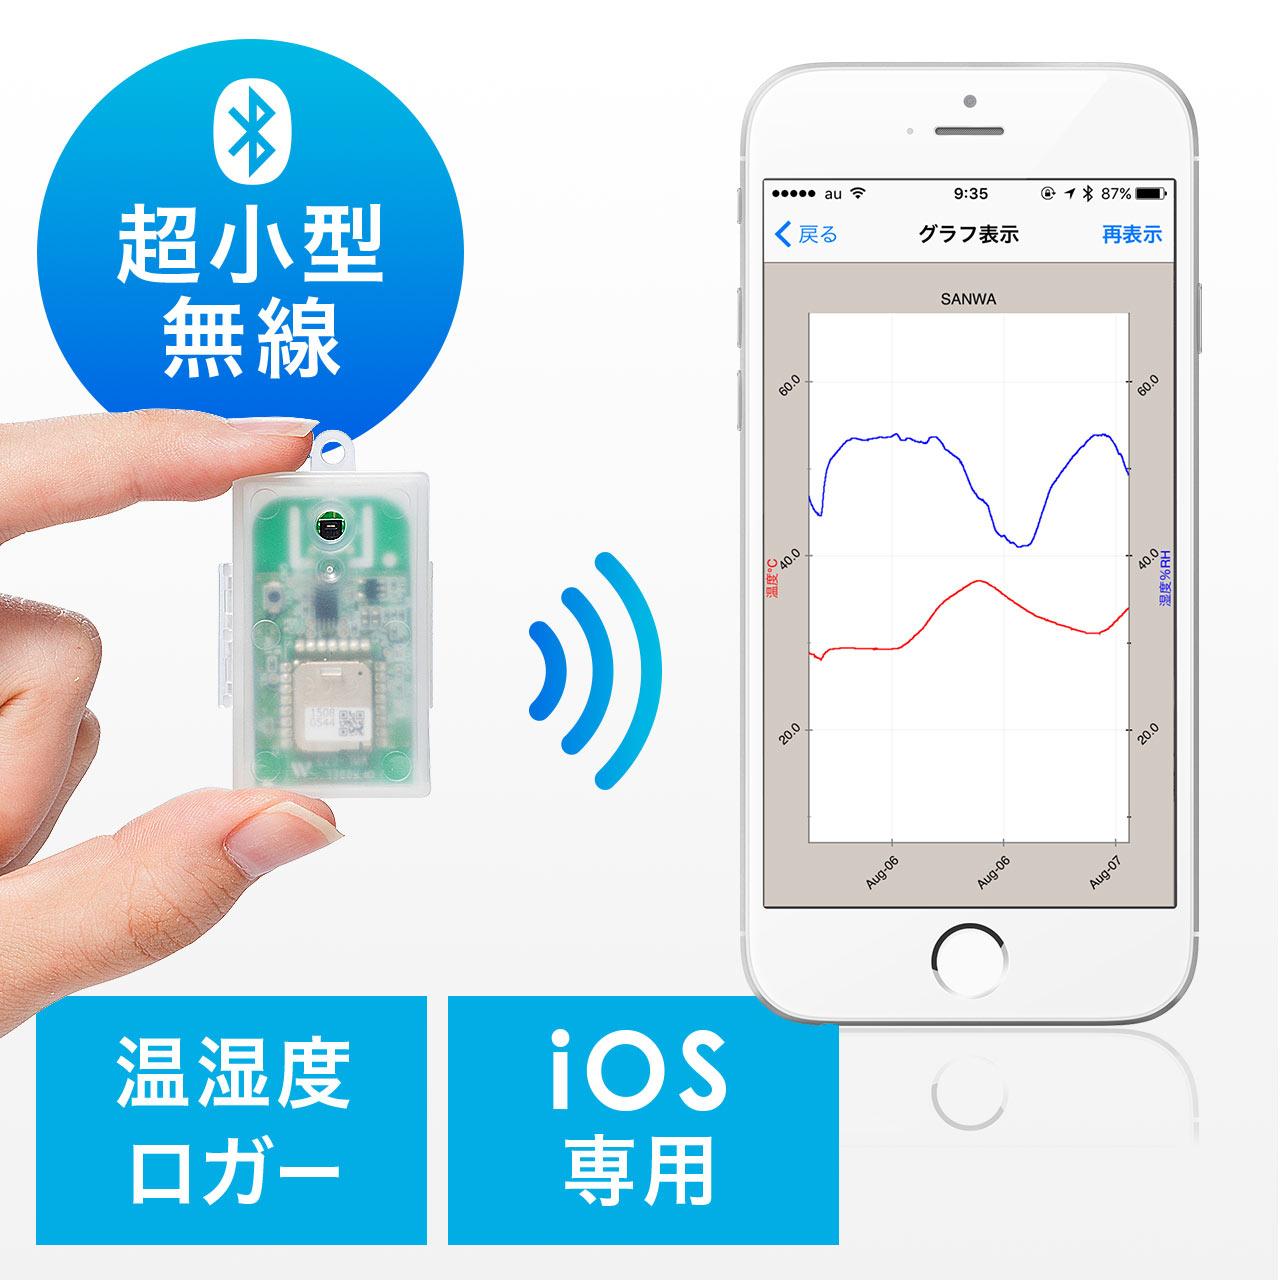 温湿度センサー(スマホ連携・iPhone専用・Bluetooth・iot・ロガー) サンワダイレクト サンワサプライ UNI-01-B002